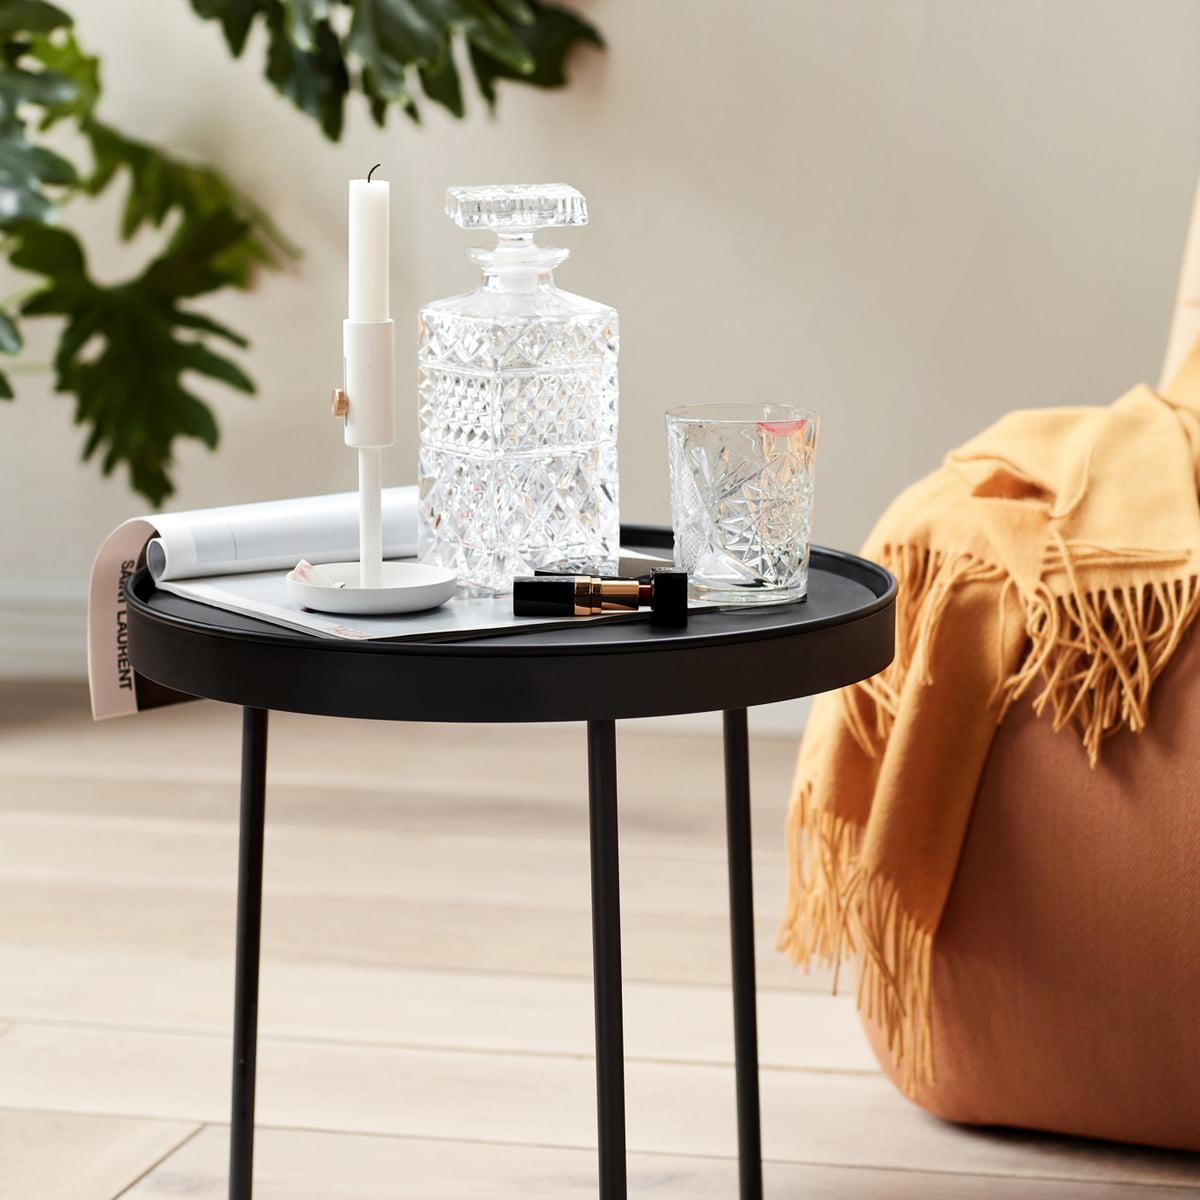 stilk coffee table von northern. Black Bedroom Furniture Sets. Home Design Ideas